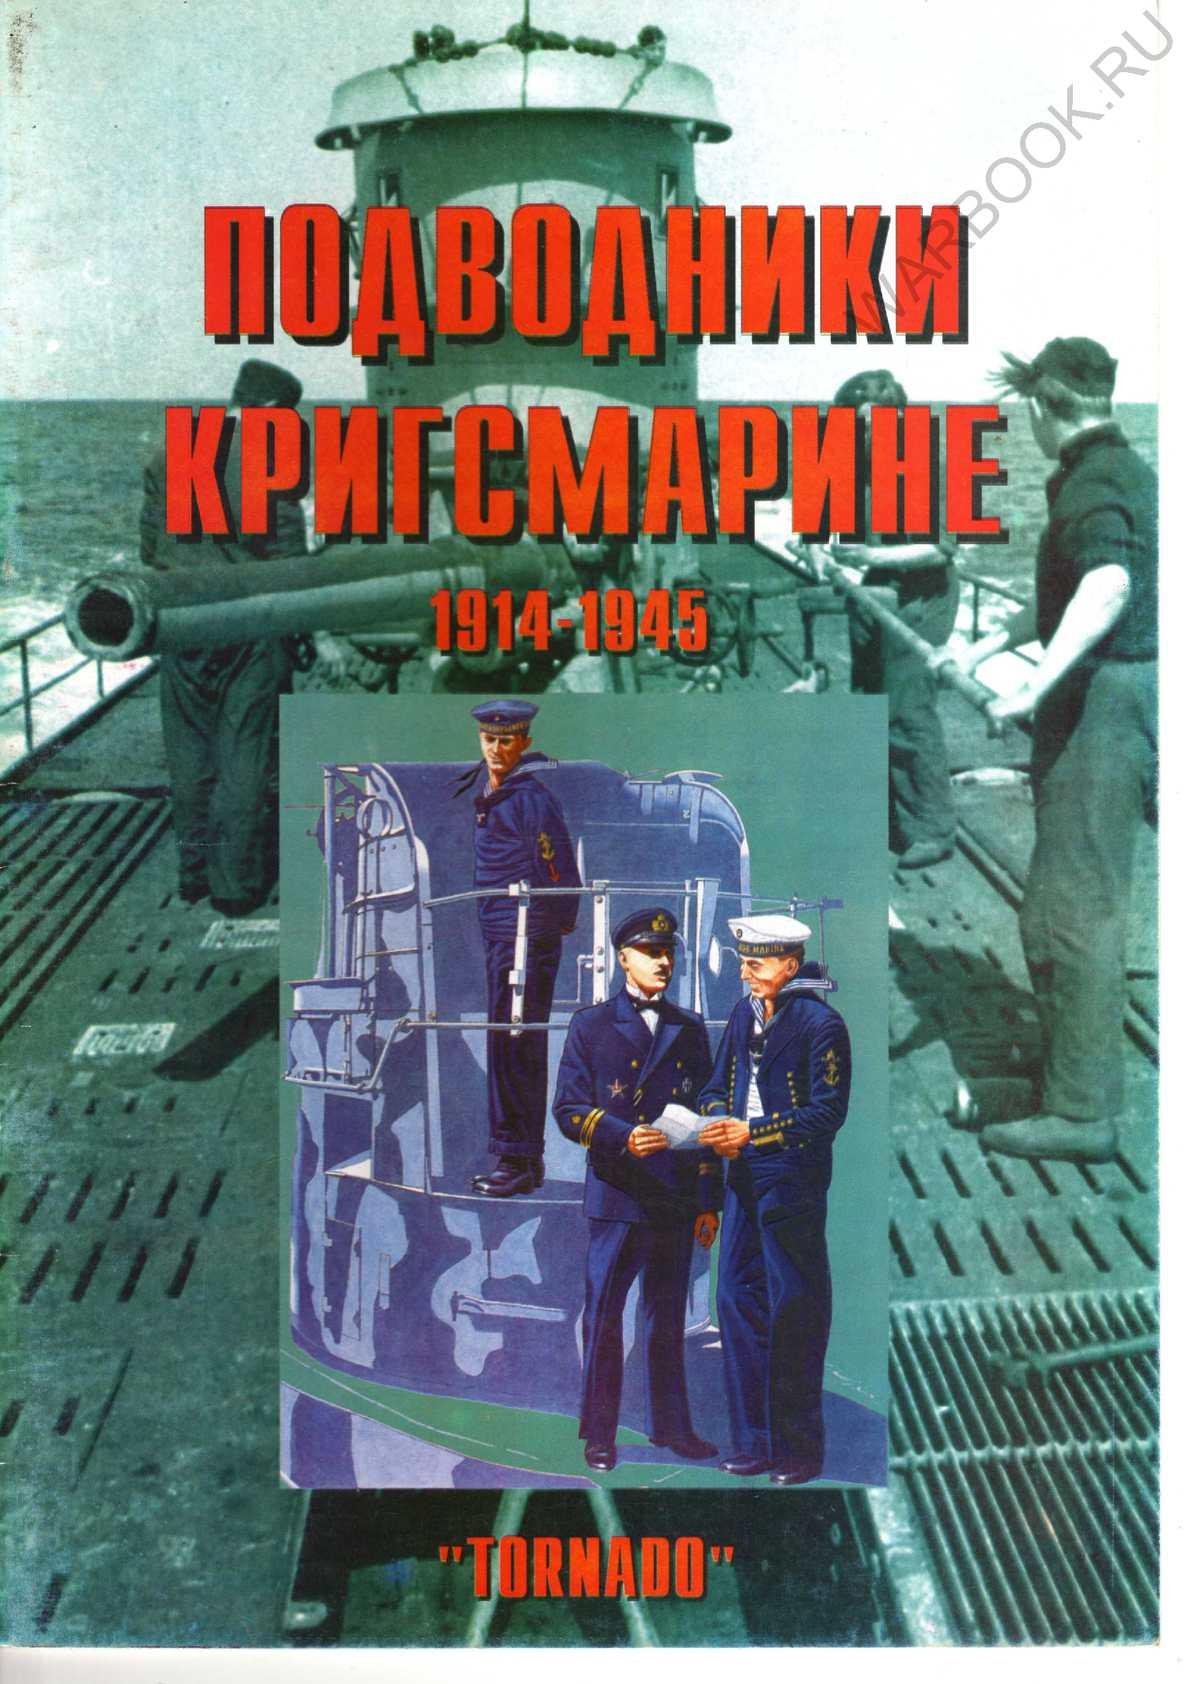 Торнадо - Армейская серия 30 - Подводники Кригсмарине